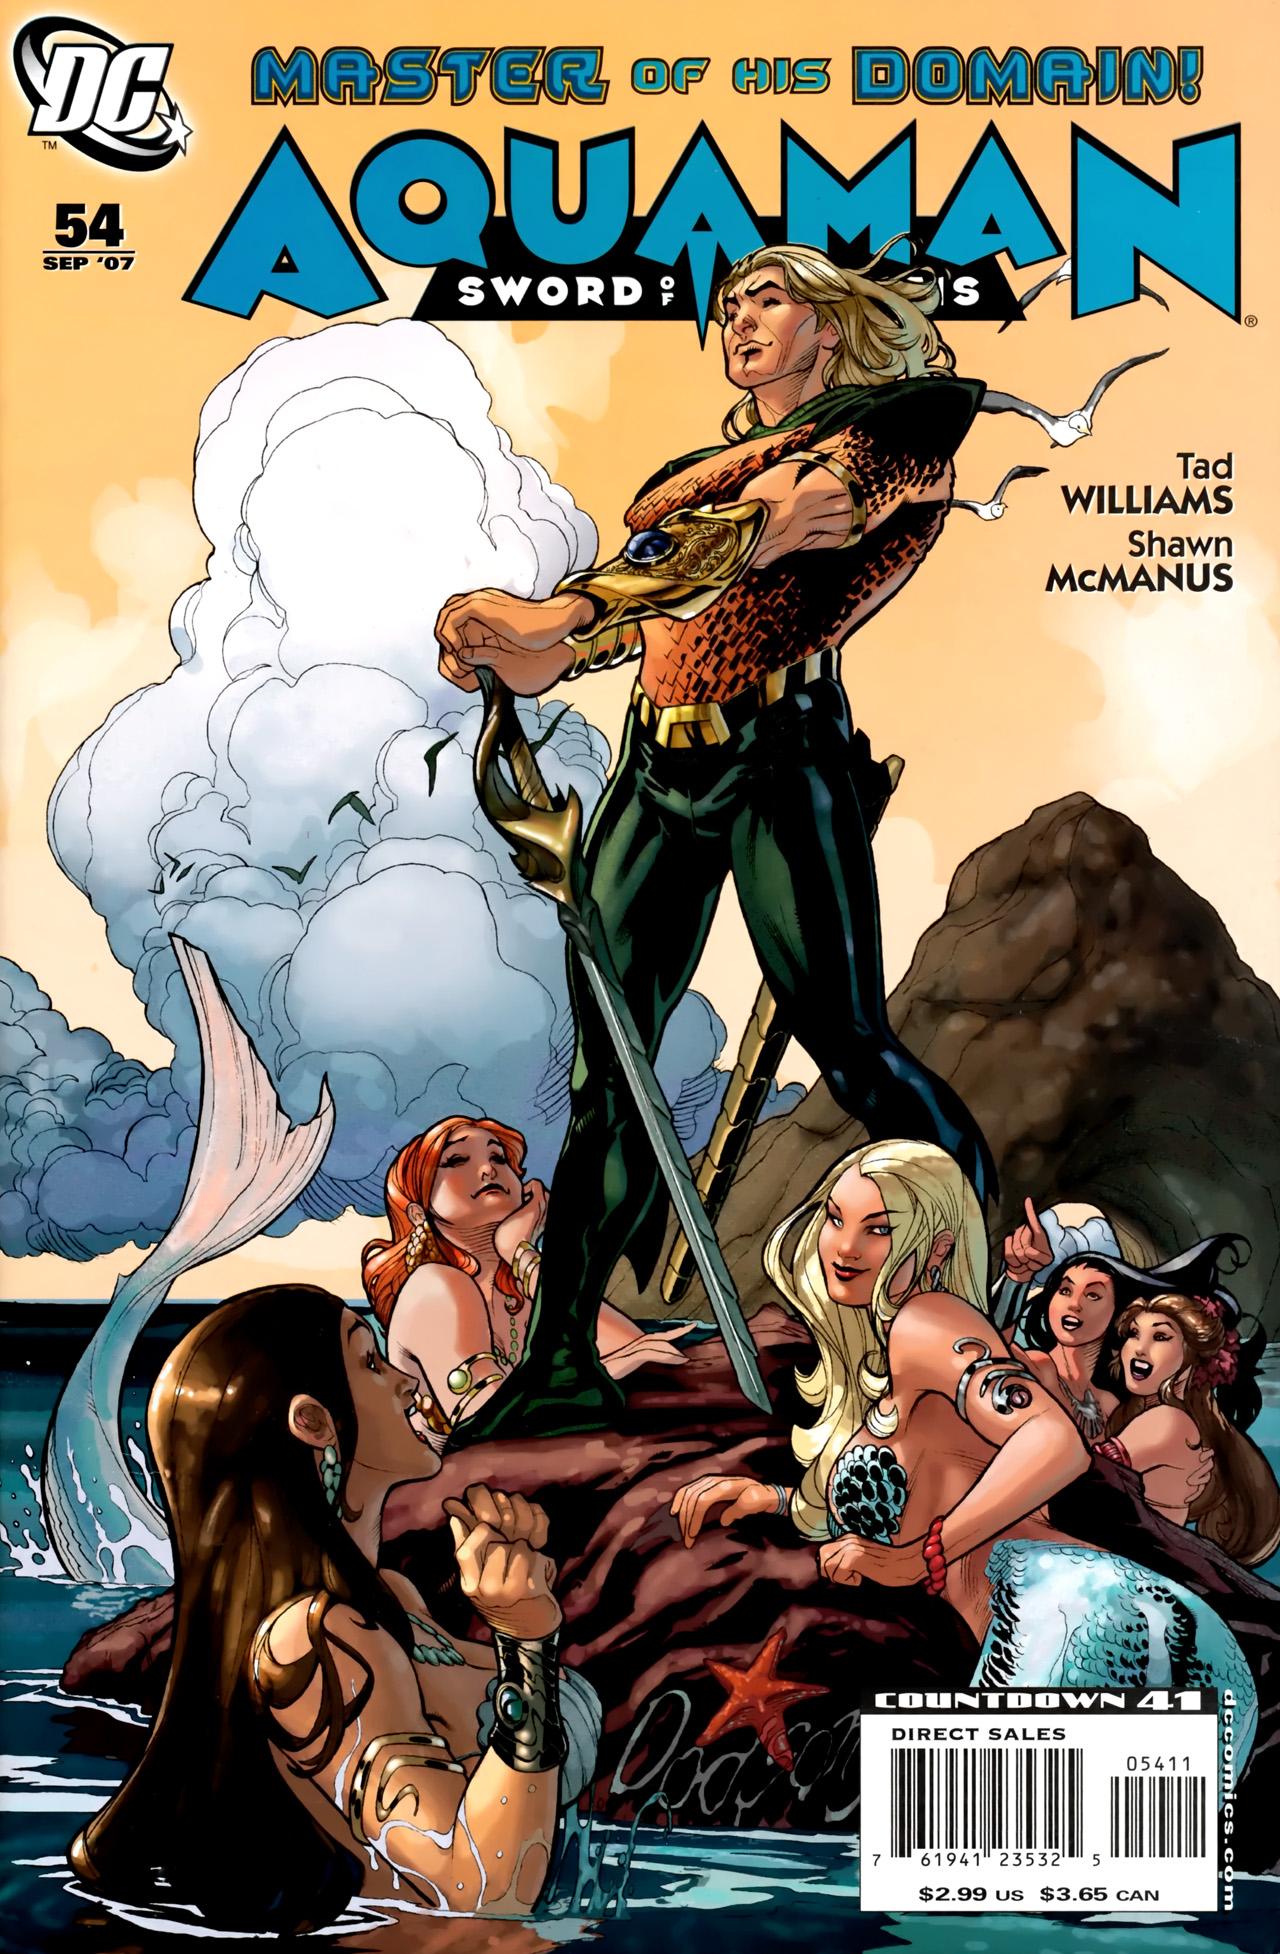 Read online Aquaman: Sword of Atlantis comic -  Issue #54 - 1